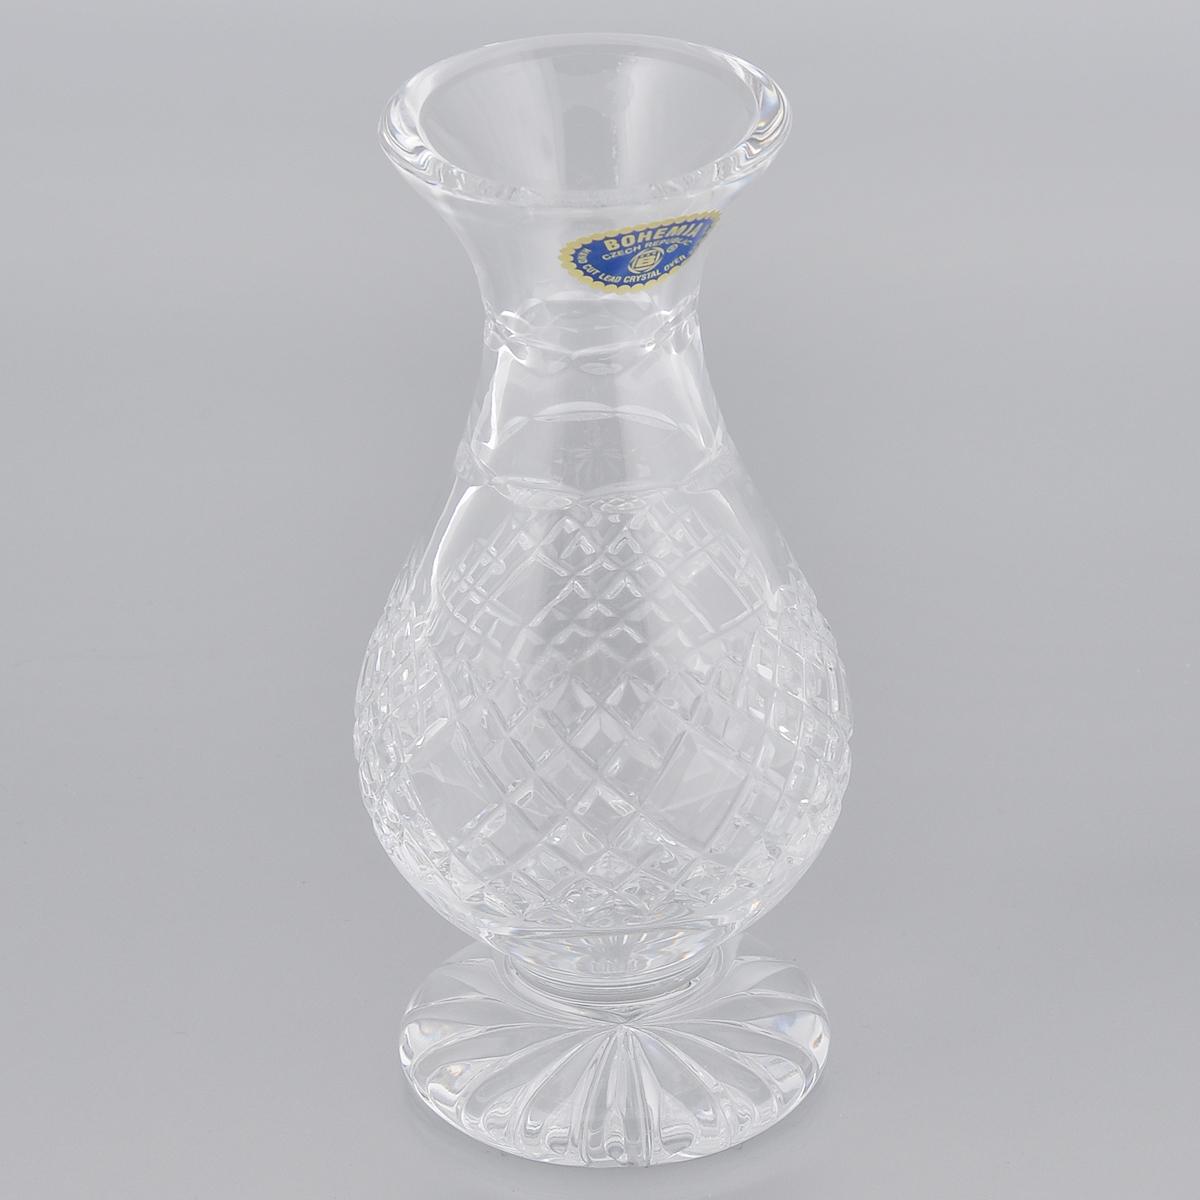 Ваза Crystal Bohemia, высота 17,5 см240/80P10/0/11168/175-109Изящная ваза Crystal Bohemia изготовлена из высококачественного хрусталя. Ваза оформлена рельефным рисунком, что делает ее изящным украшением интерьера. Ваза Crystal Bohemia дополнит интерьер офиса или дома и станет желанным и стильным подарком. Кроме того - это отличный вариант подарка для ваших близких и друзей. Высота вазы: 17,5 см. Диаметр основания: 7,3 см. Диаметр по верхнему краю: 6,5 см.